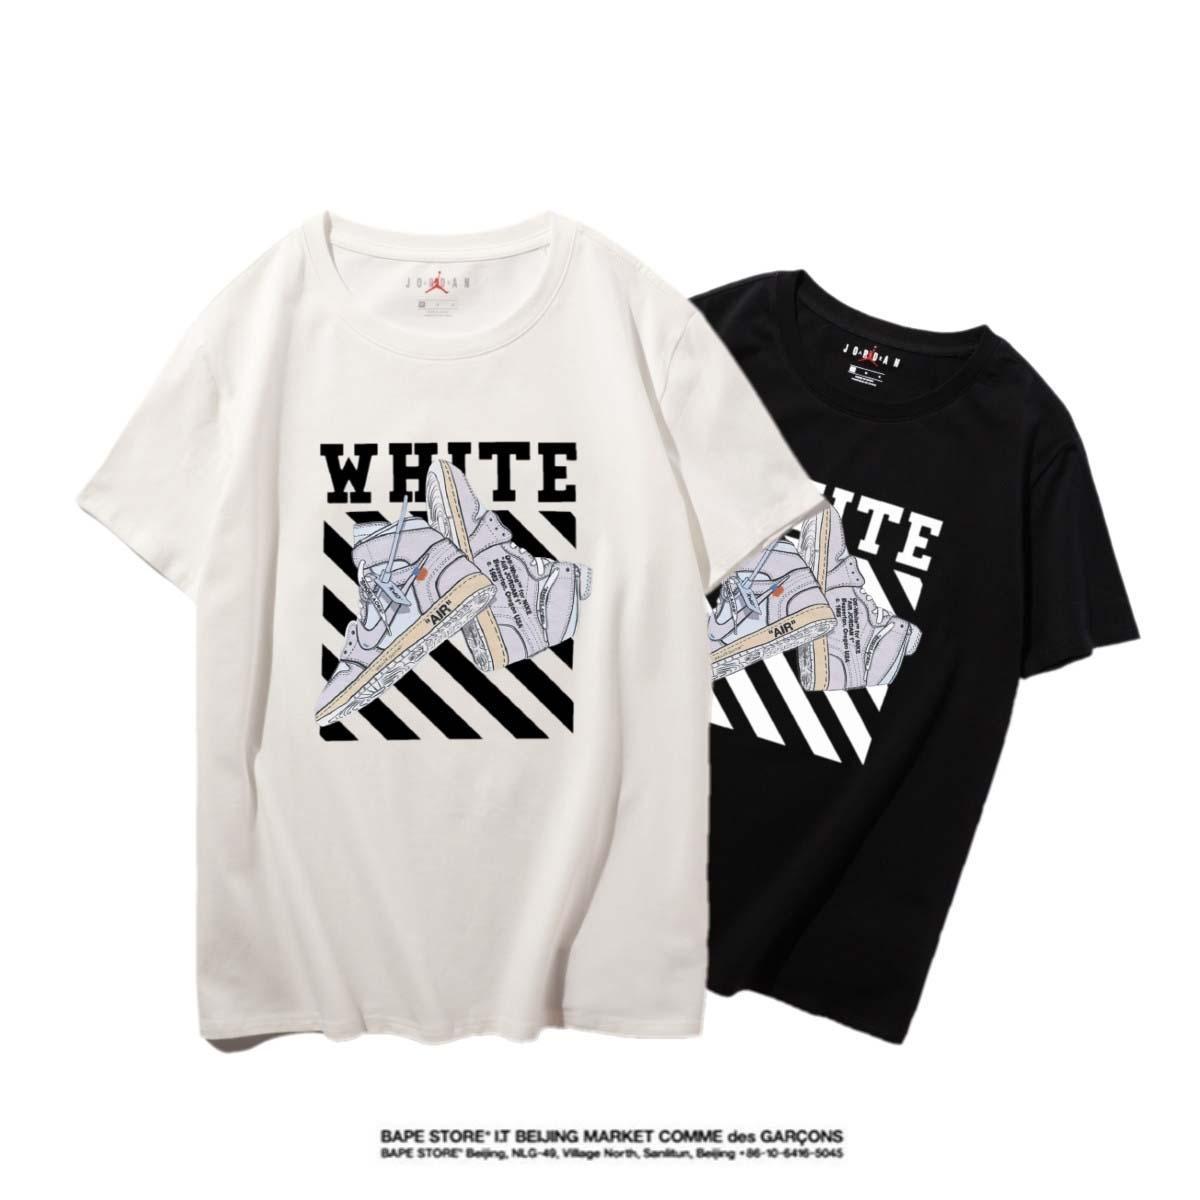 Jordan Hohe Qualität Neuer Brief Printing Short Sleeve Mode Aufmaß Cotton Hip Hop-Männer Frauen Paar Designer-T-Shirt S-XXL # 35678